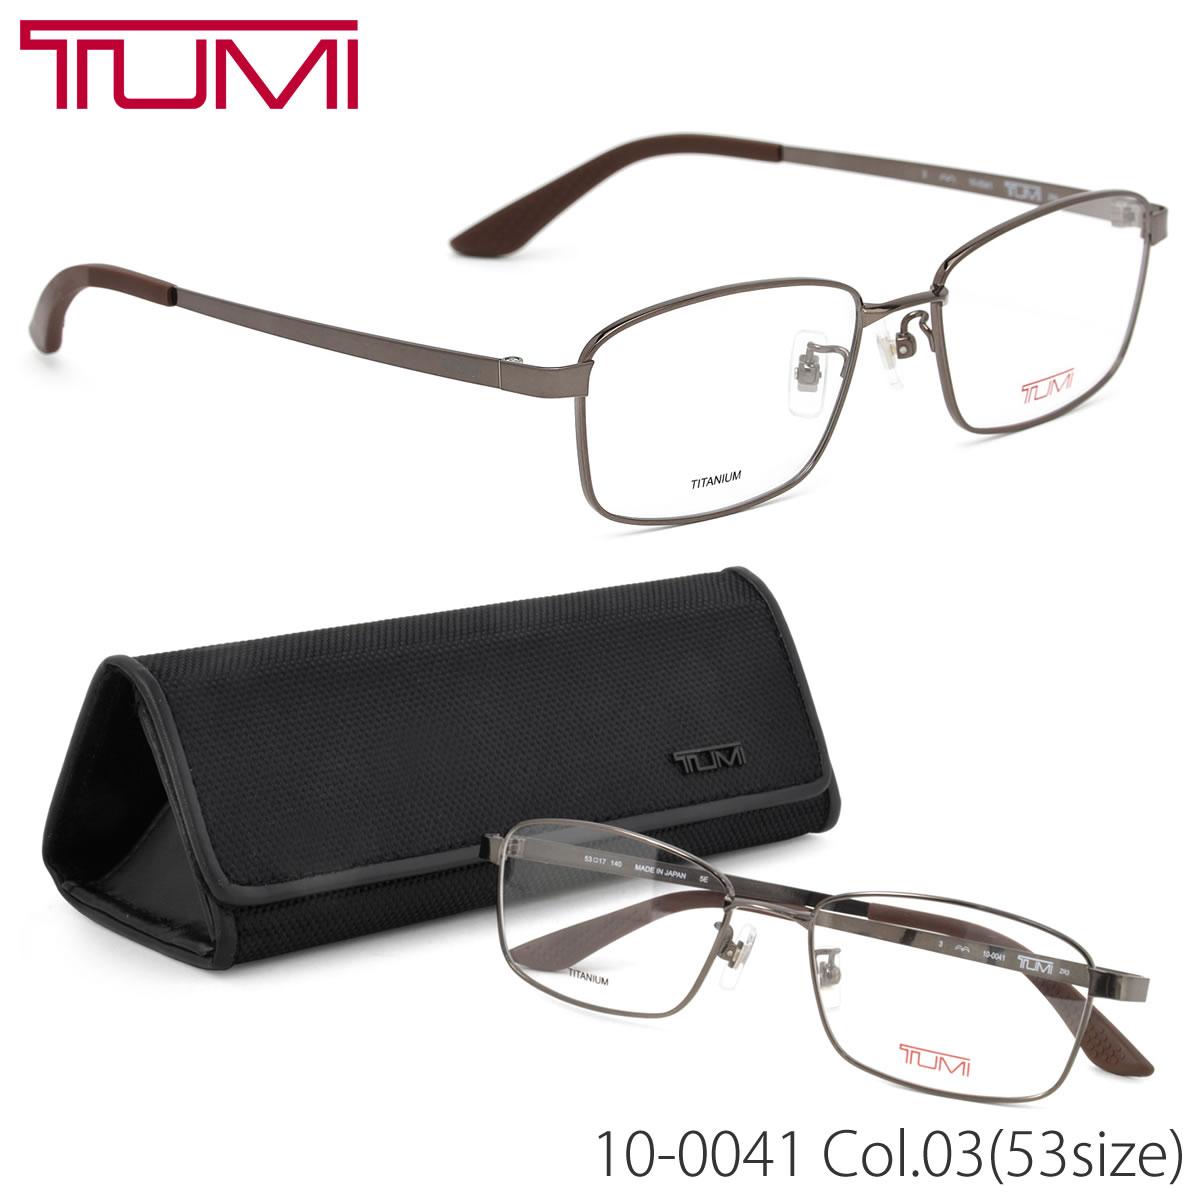 【TUMI】(トゥミ) メガネ フレーム 10-0041 03 53サイズ スクエア チタン 軽量 トゥミ TUMI メンズ レディース